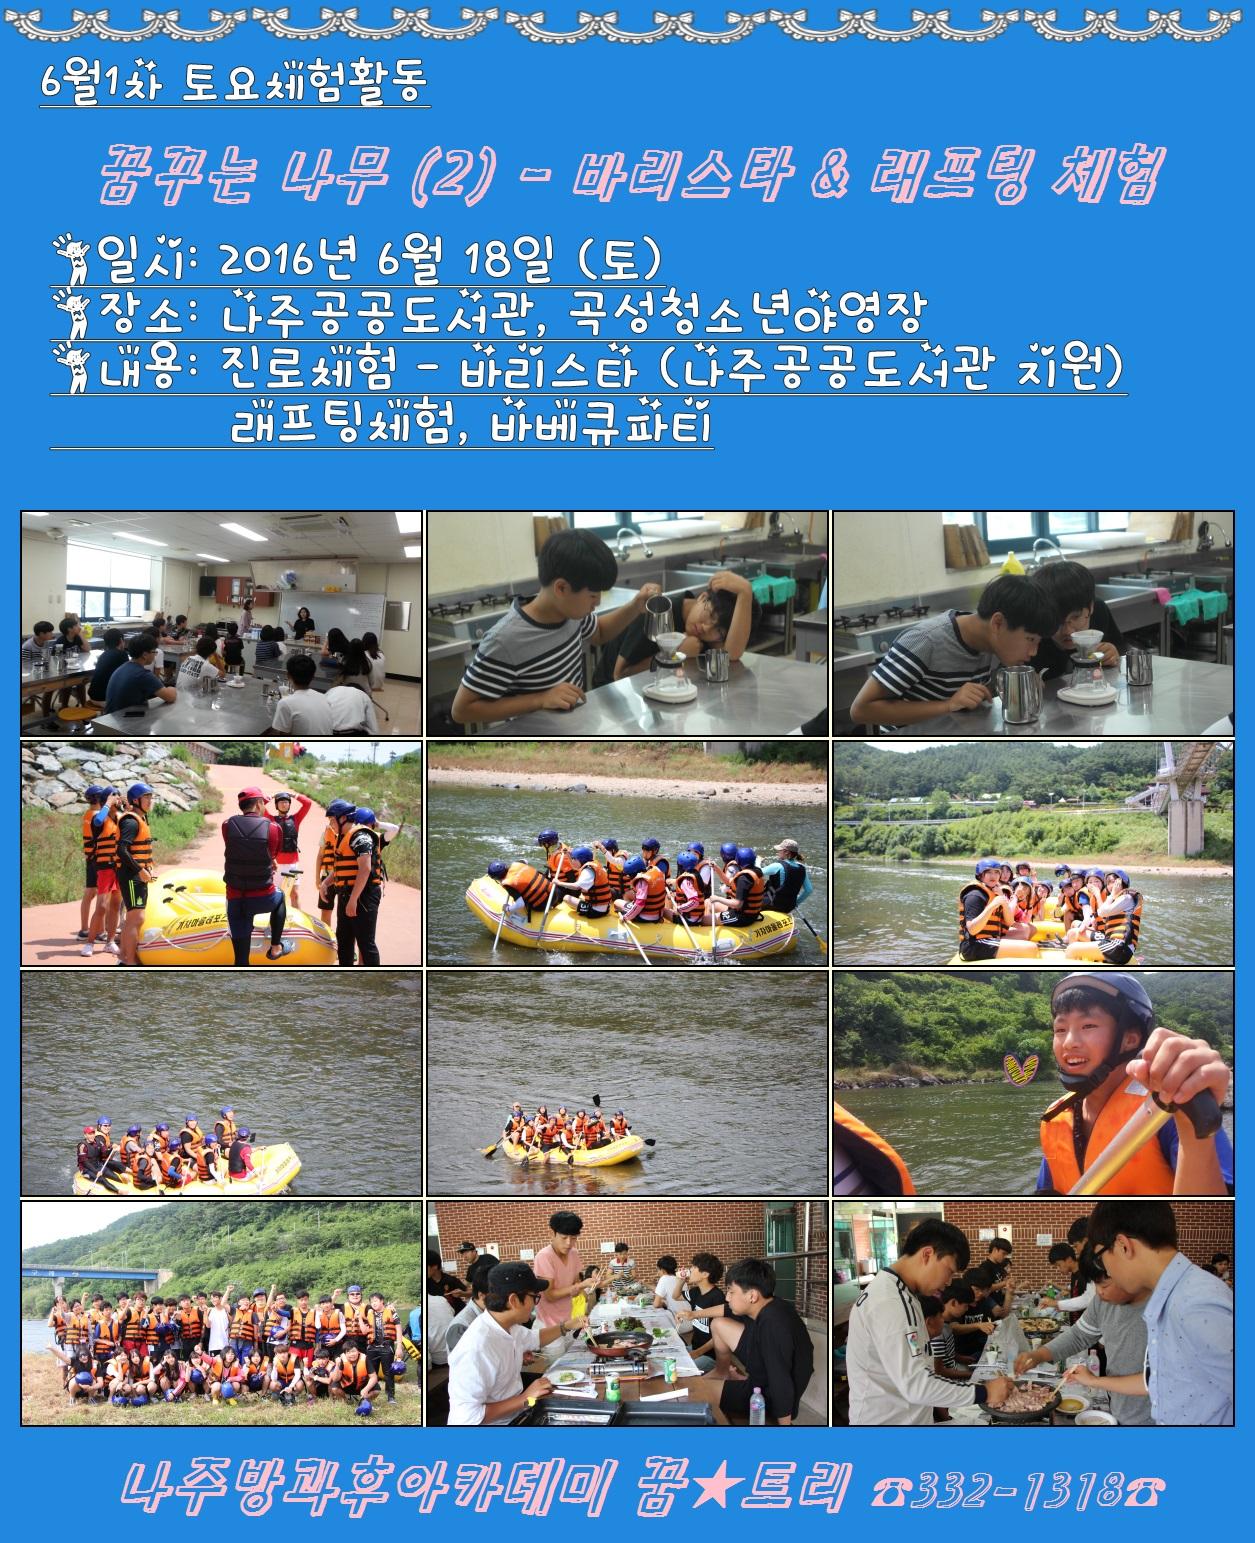 """6월1차 토요체험활동 """"꿈꾸는 나무(2) - 바리스타체험 & 래프팅체험"""""""